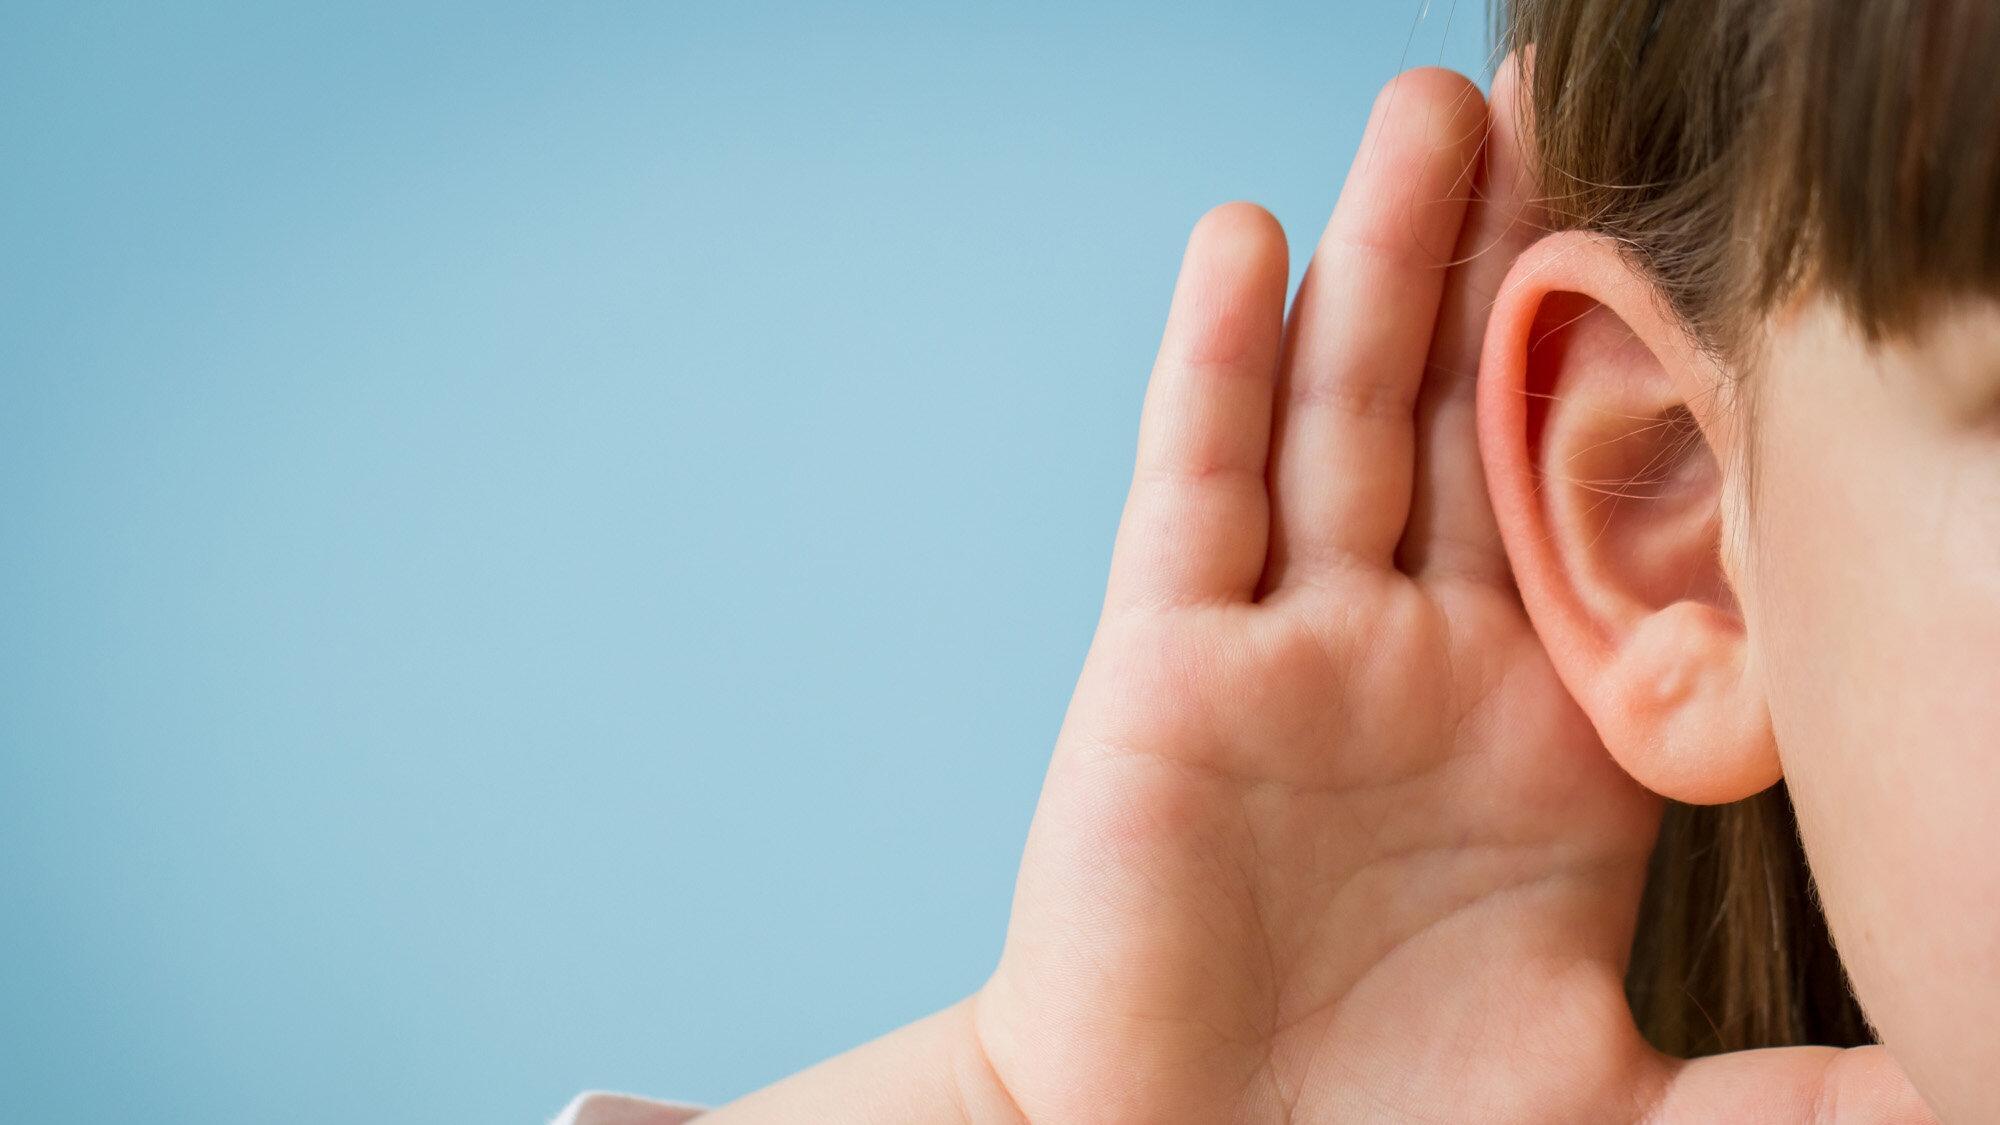 Эксперимент показал, что при восприятии эмоций дети полагаются на слух, а не на зрение